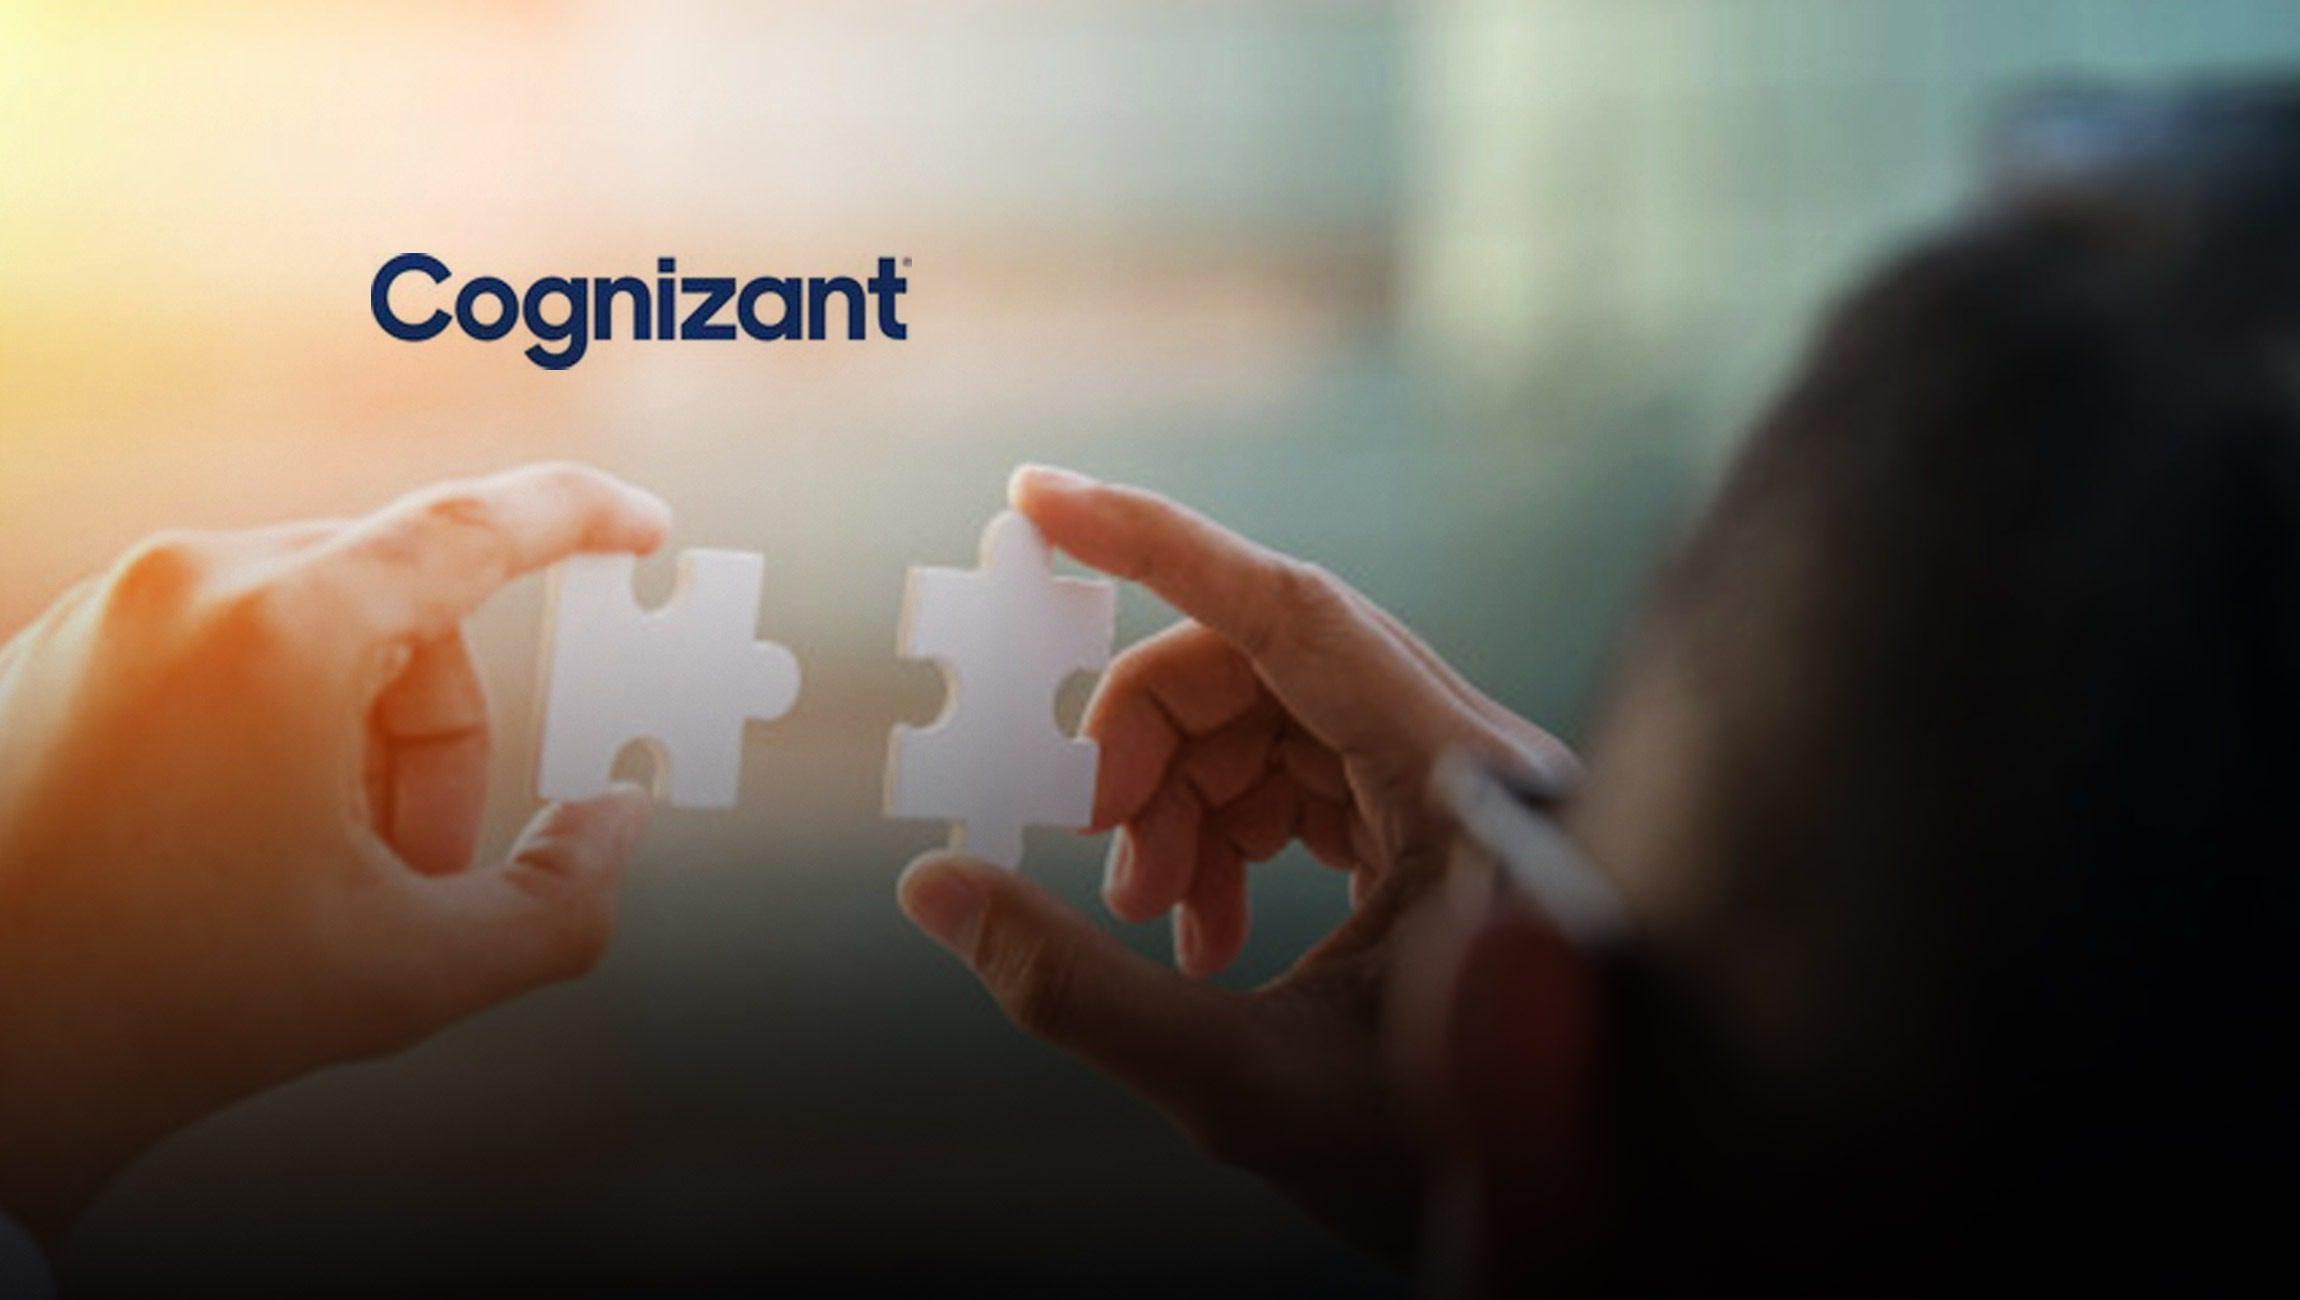 Cognizant to Acquisition - myTechMint